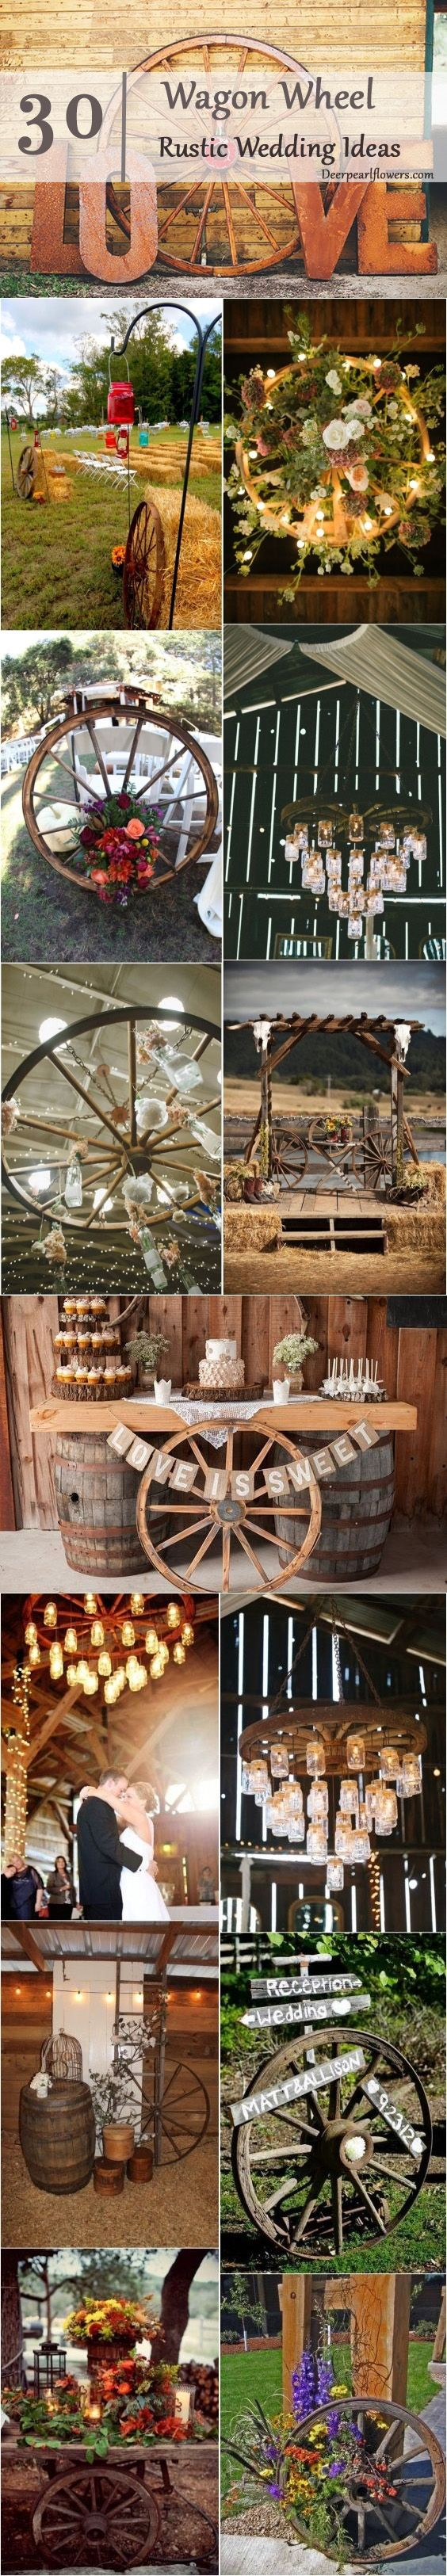 30 Rustic Wagon Wheel Wedding Ideas  / http://www.deerpearlflowers.com/rustic-country-wagon-wheel-wedding-ideas/